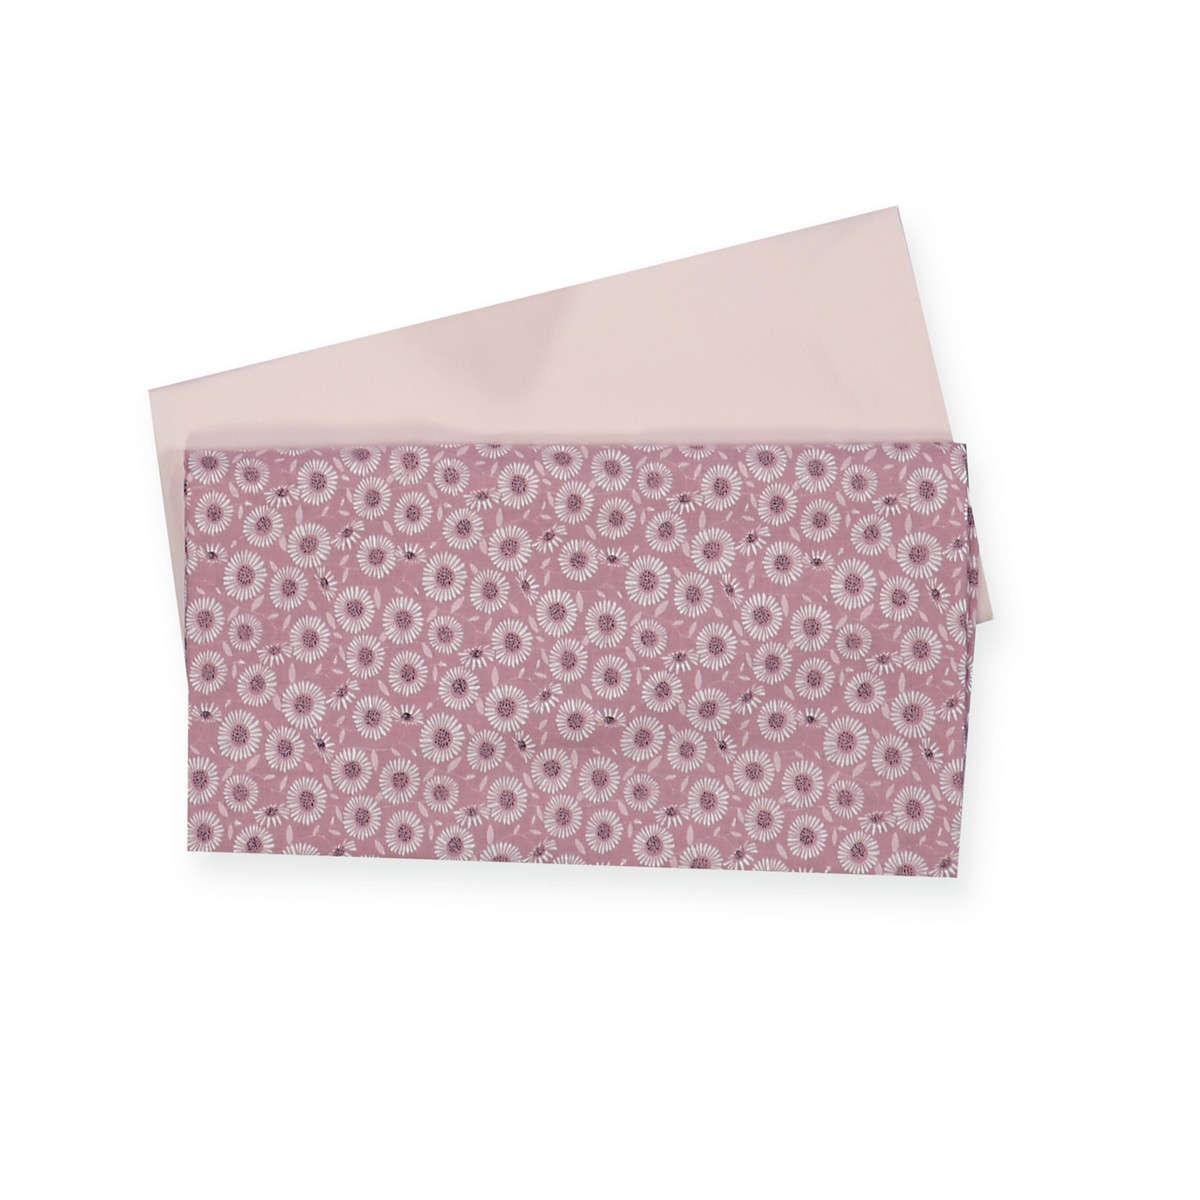 Σεντόνι Βρεφικό Flower Power 2τμχ Pink Nef-Nef Λίκνου 70x120cm